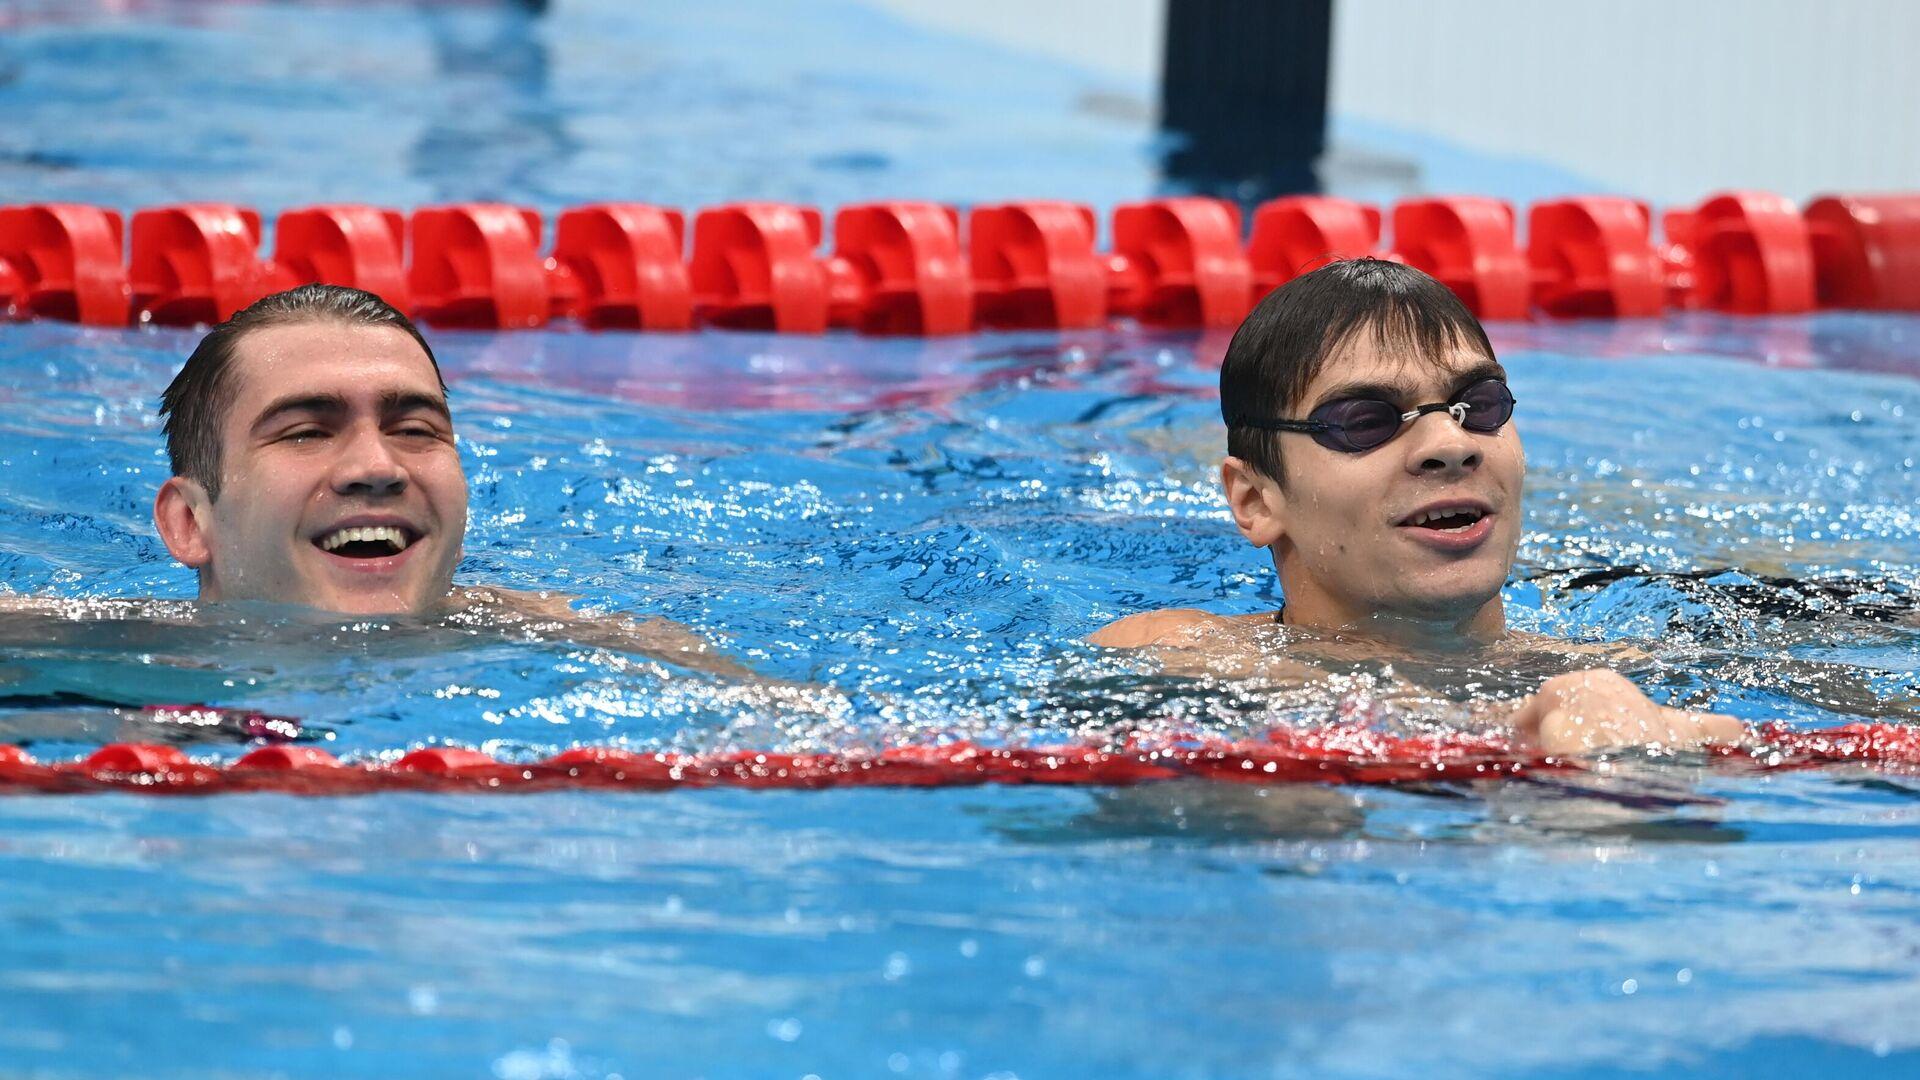 Олимпиада-2020. Плавание. Третий день - РИА Новости, 1920, 27.07.2021